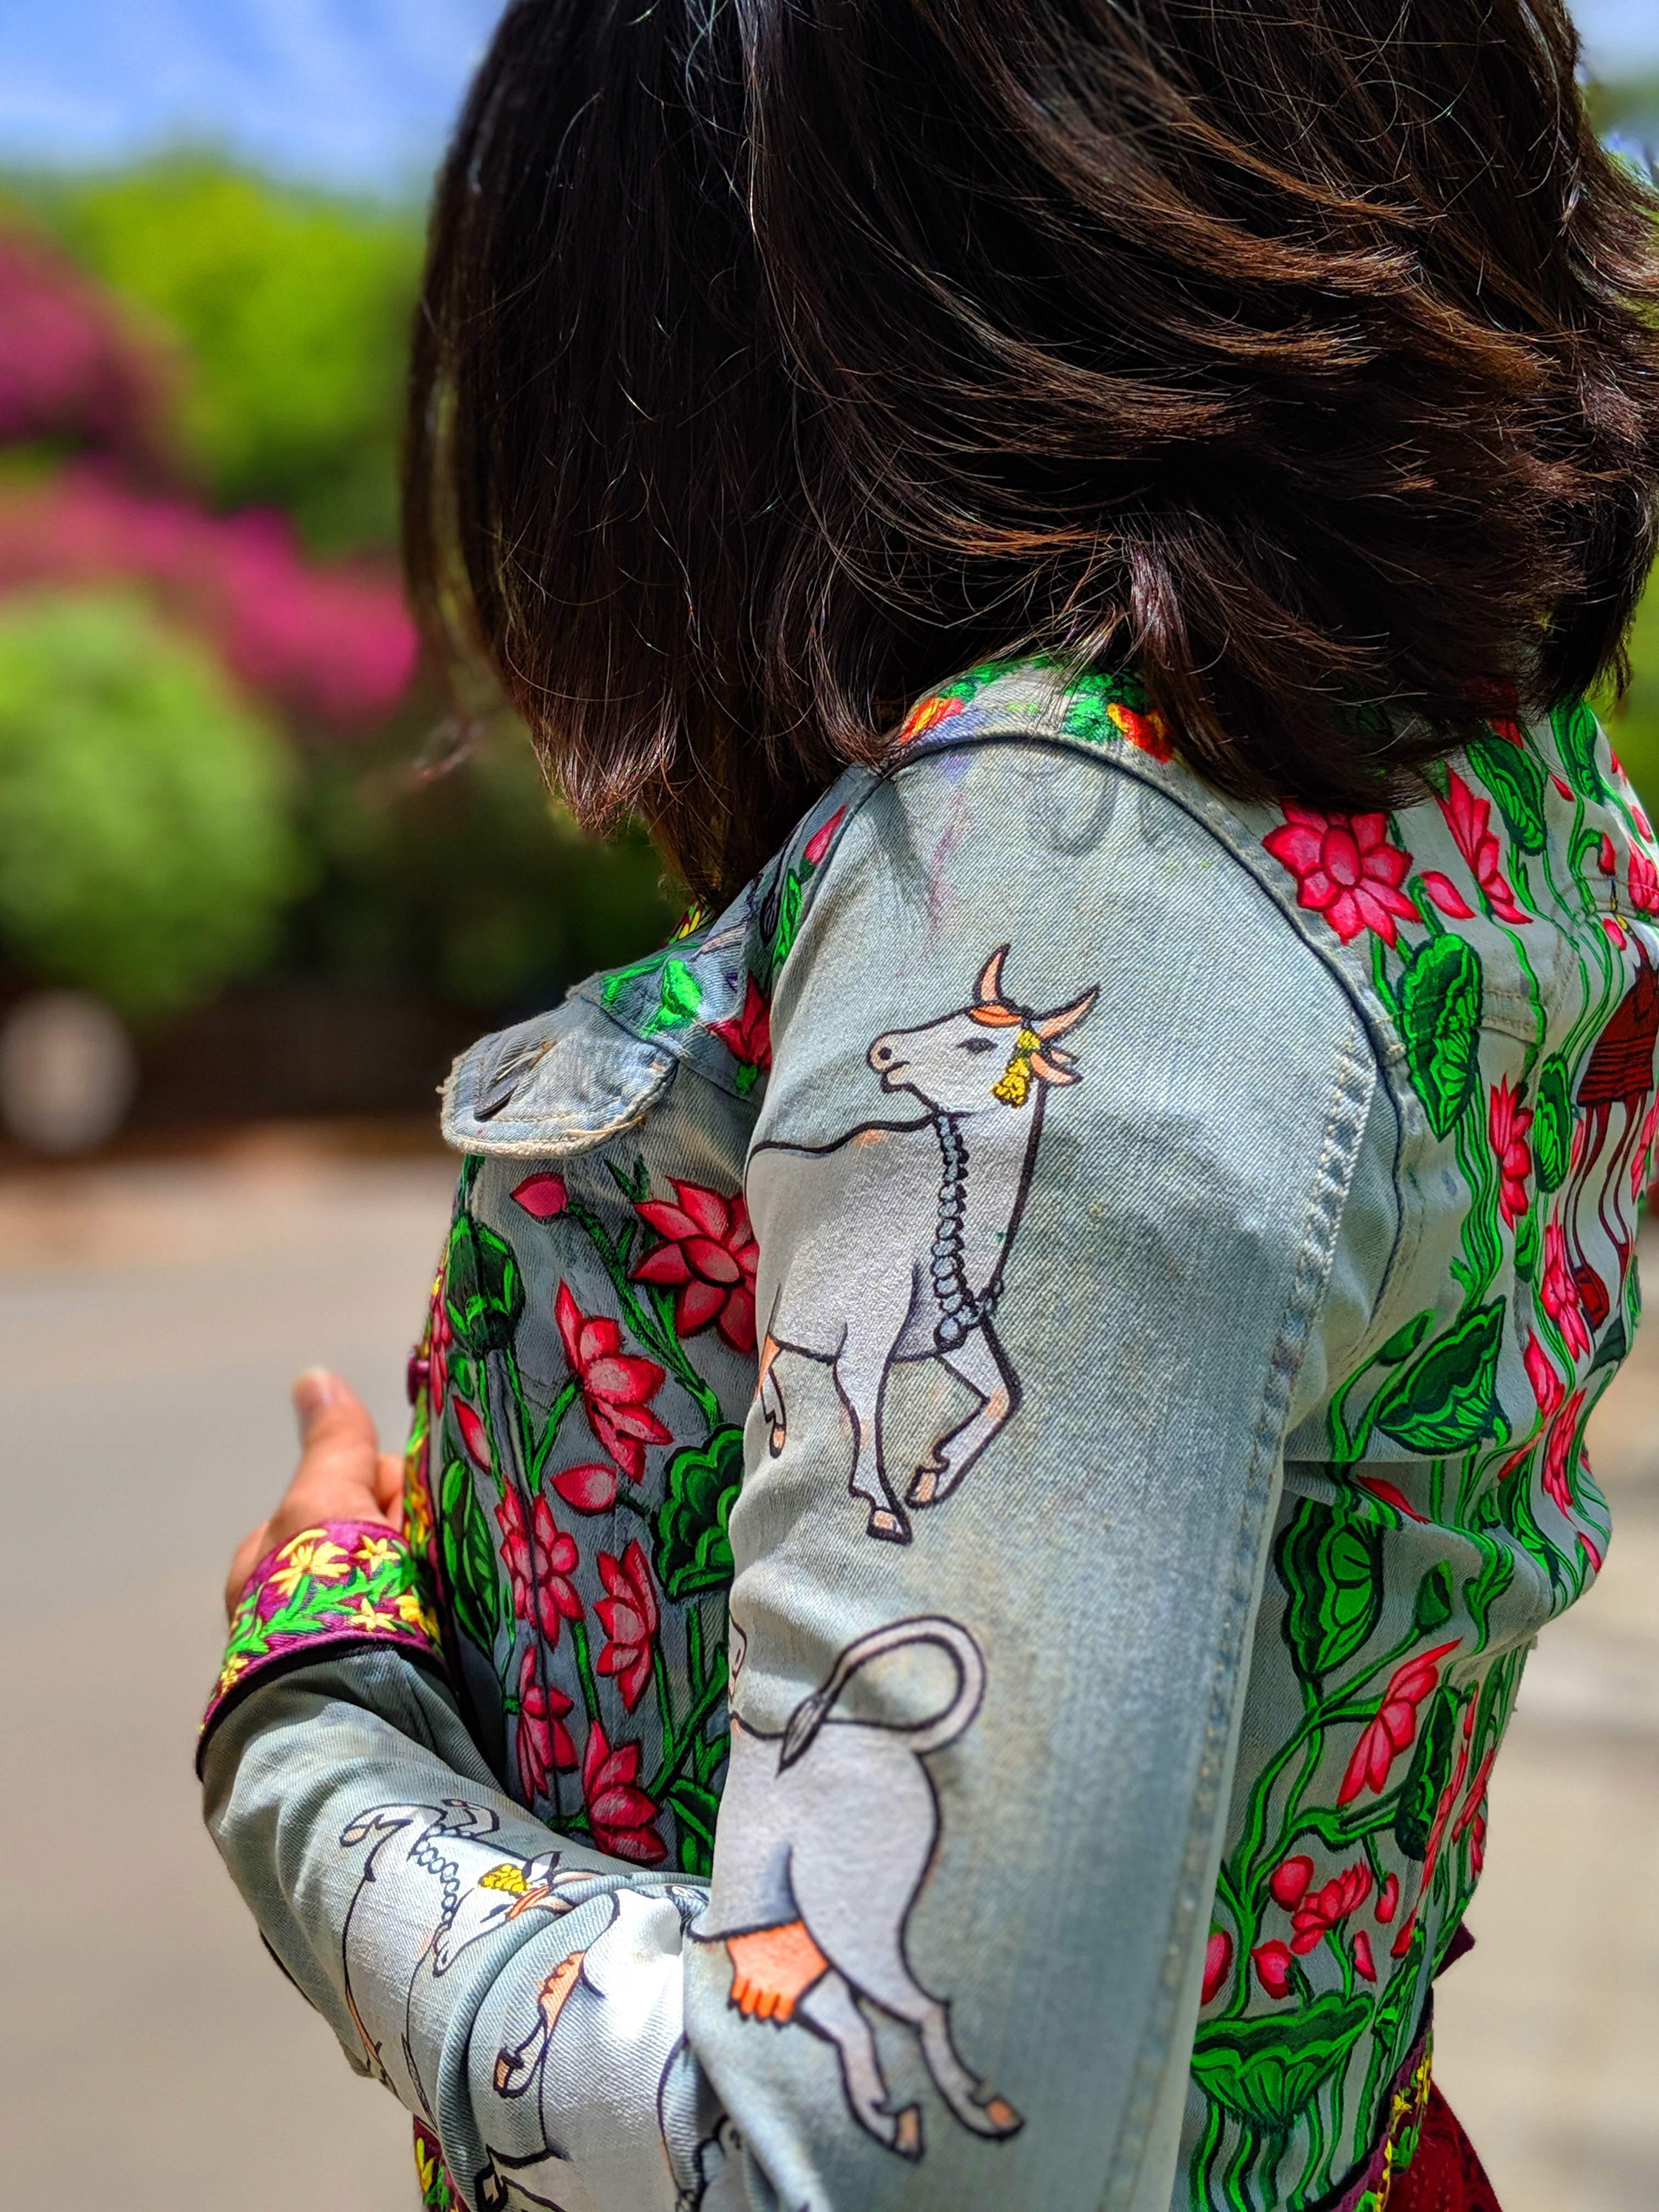 A jacket designed by Aquib